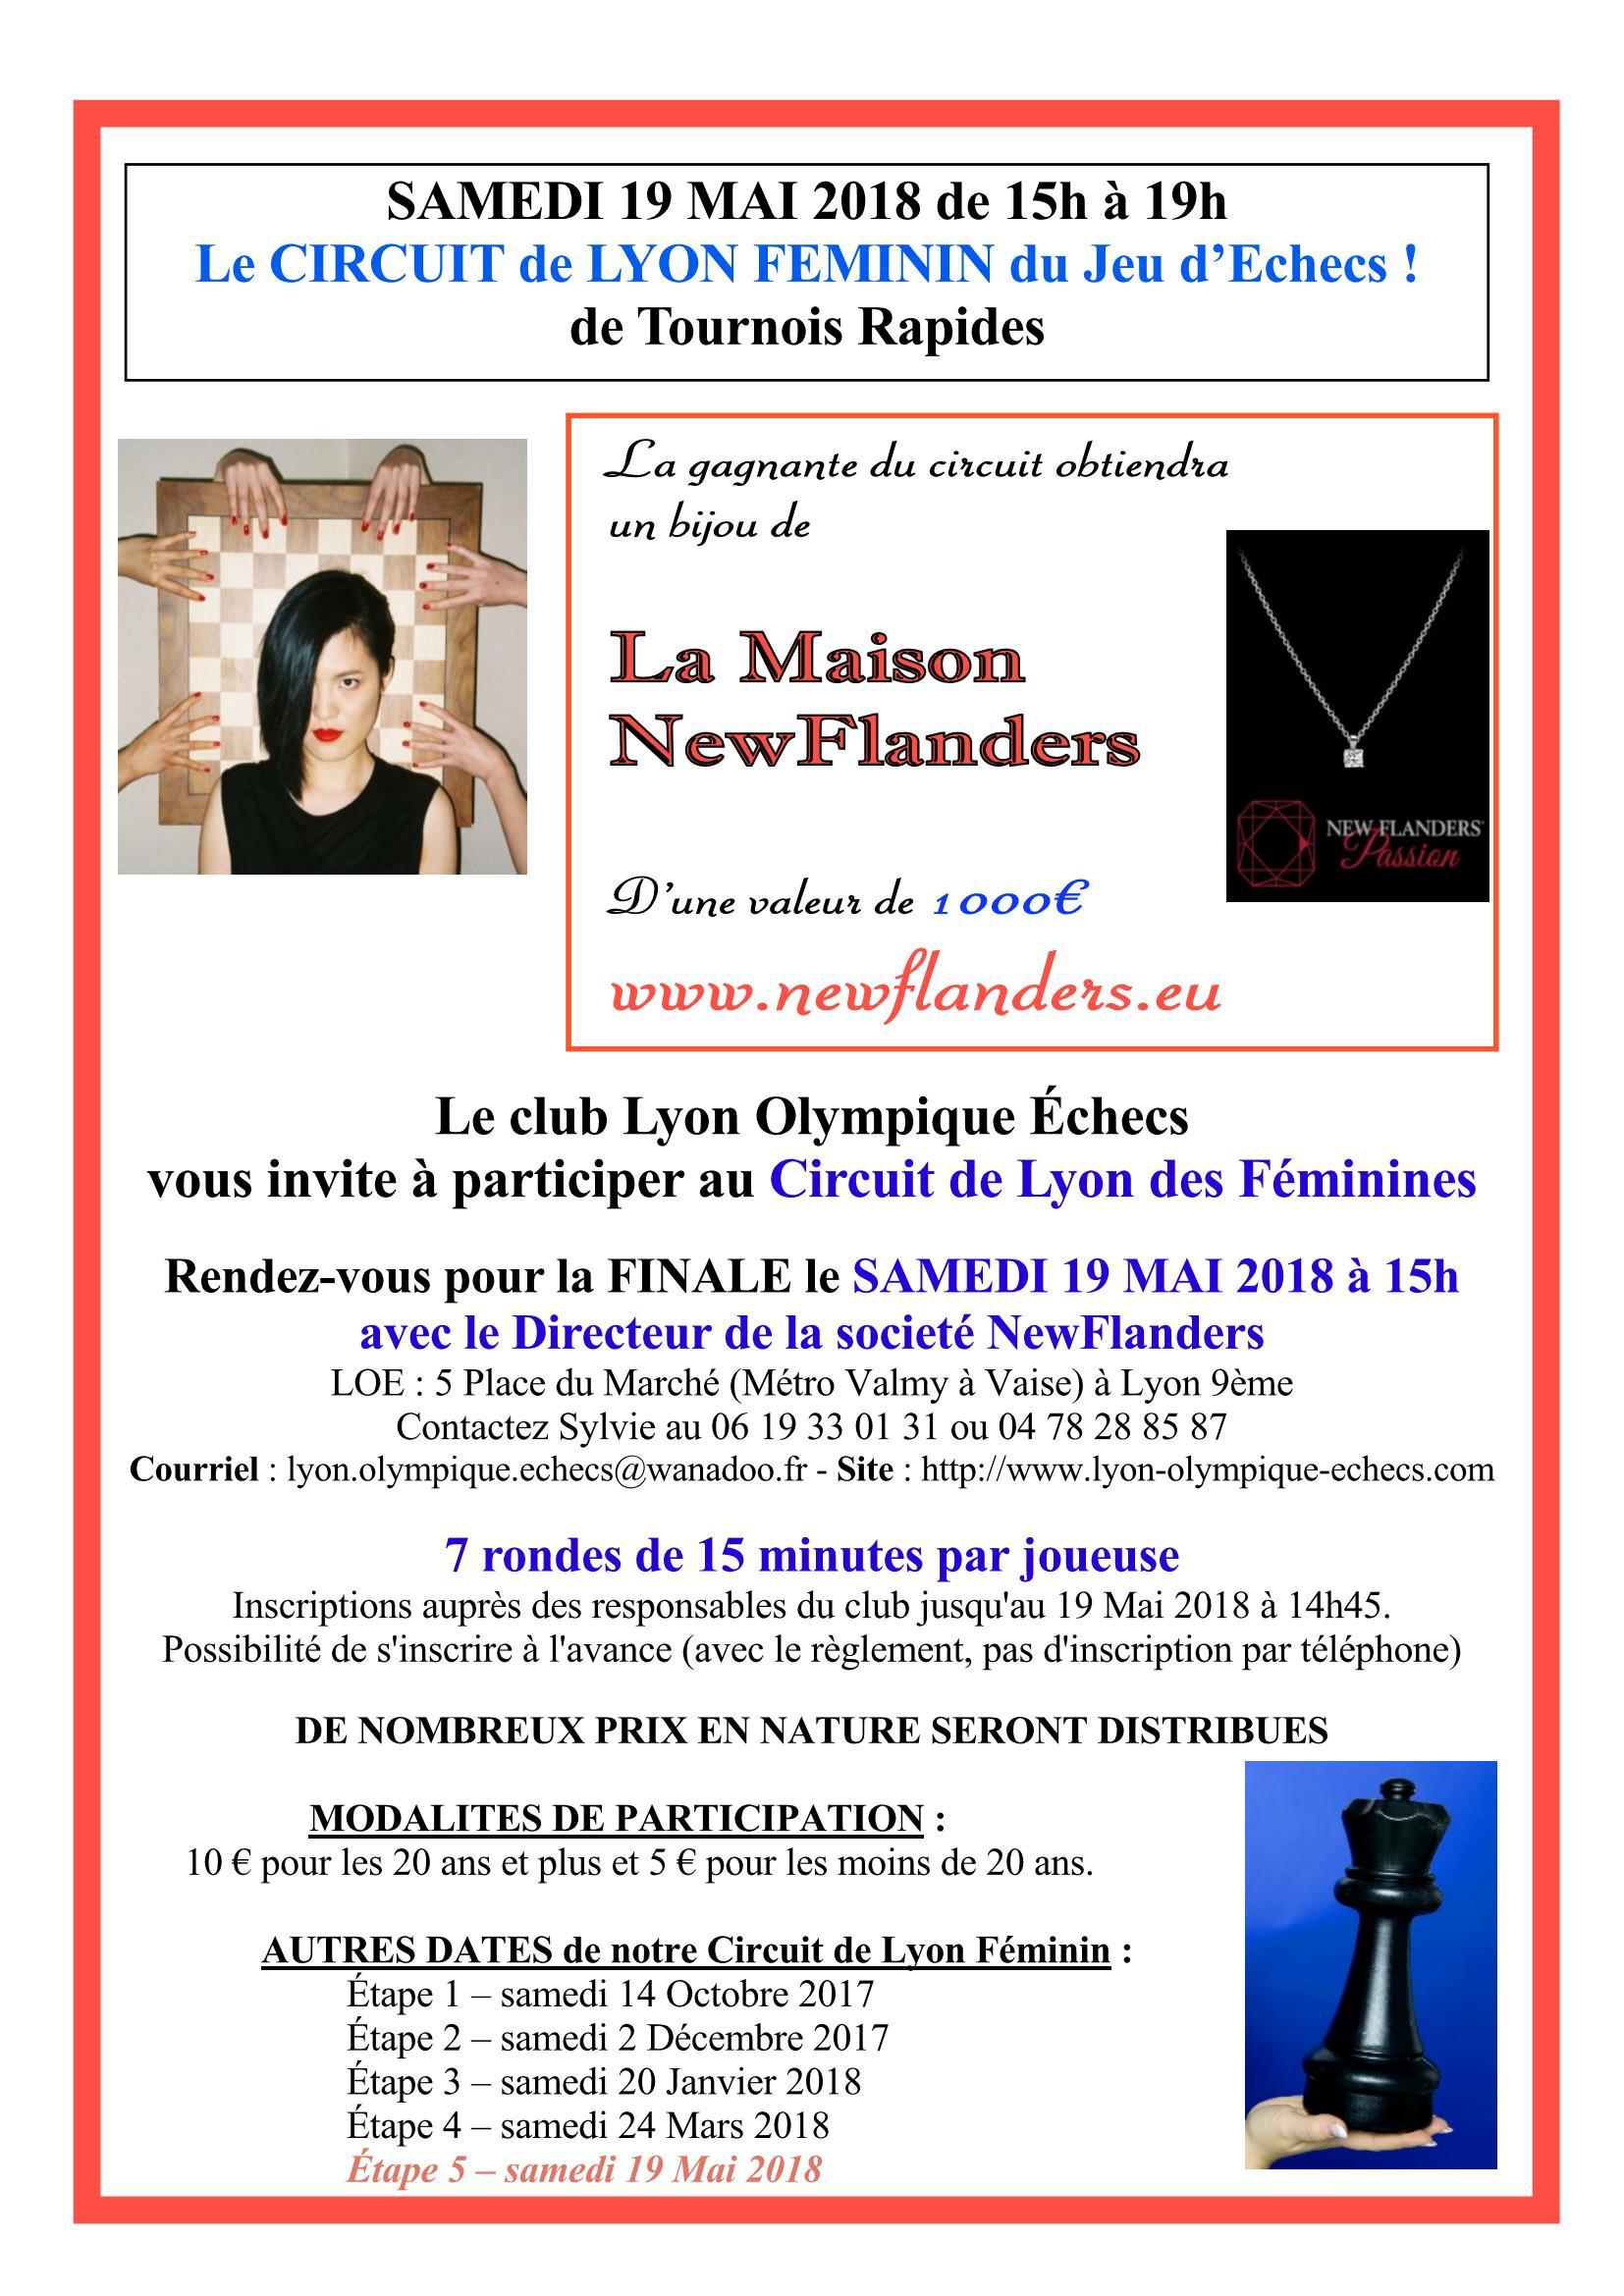 Circuit Féminin du LOE, des diamants à gagner ! (d'une valeur de 1 000 €)